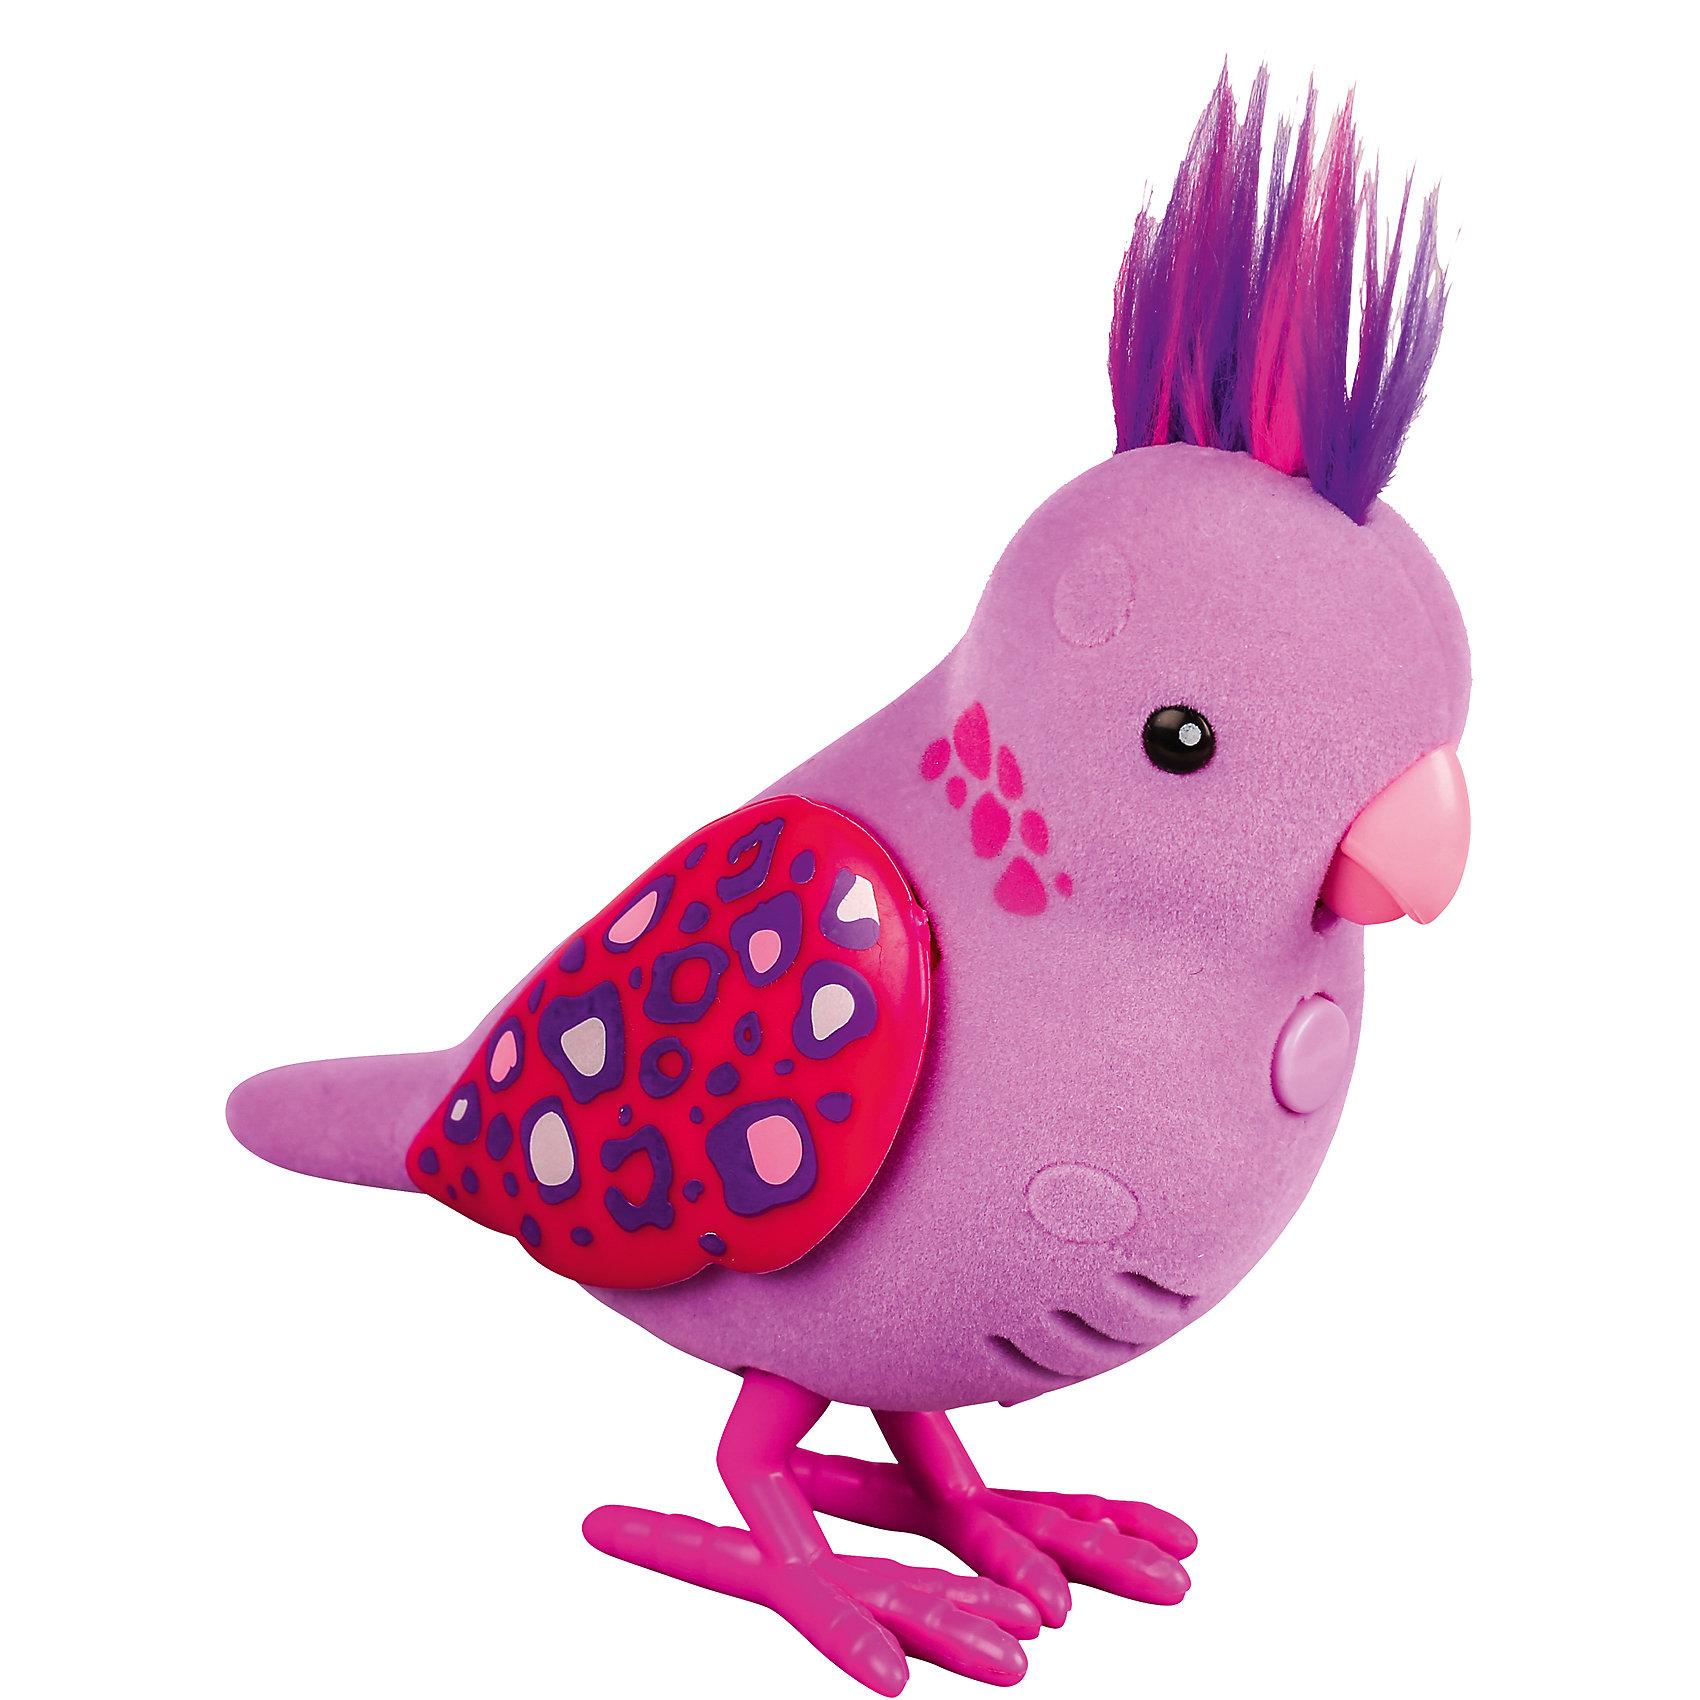 Интерактивная птичка, розовая с драгоценными камушками на крыльях, Little Live PetsИнтерактивная птичка, розовая с драгоценными камушками на крыльях, Little Live Pets (Литтл лайв петс) от австралийского бренда Moose (Мус). Новая яркая игрушка – птичка, очень приятна на ощупь, ее тельце как будто сделано из бархата. Лапки сделаны как настоящие с небольшим рифлением и изгибами. Красивый хохолок птички отлично сочетается с яркими крылышками. Птичка может щебетать до тридцати собственных мелодий, и щебечет от поглаживания по спинке. Движения клювиком совпадают с щебетанием птички, что выглядит очень правдоподобно. Нажав на кнопку на грудке птички и дождавшись двойного щебета, птичка станет учить вашу фразу или мелодию. Фраза воспроизводится модифицированным голосом птички, что тоже выглядит очень правдоподобно. С птичкой можно придумать много игр и почувствовать, будто дома появился новый домашний питомец. Игрушка поможет развить воображение и творческие навыки. <br><br>Дополнительная информация:<br><br>- В комплект входит: 1 птичка в блистере<br>- Состав: пластик, флок<br>- Элементы питания: 2 батарейки типа ААА (в комплекте отсутствуют)<br>- 30 различных стилей щебетания<br>- Можно записывать свои фразы<br>- Параметры упаковки: 22 * 5 * 14 см. <br><br><br>Интерактивную птичку, розовая с драгоценными камушками на крыльях, Little Live Pets (Литтл лайв петс), Moose (Мус) можно купить в нашем интернет-магазине.<br>Подробнее:<br>• Для детей в возрасте: от 5 до 8 лет <br>• Номер товара: 5055291<br>Страна производитель: Китай<br><br>Ширина мм: 55<br>Глубина мм: 140<br>Высота мм: 220<br>Вес г: 150<br>Возраст от месяцев: 60<br>Возраст до месяцев: 120<br>Пол: Унисекс<br>Возраст: Детский<br>SKU: 5055291